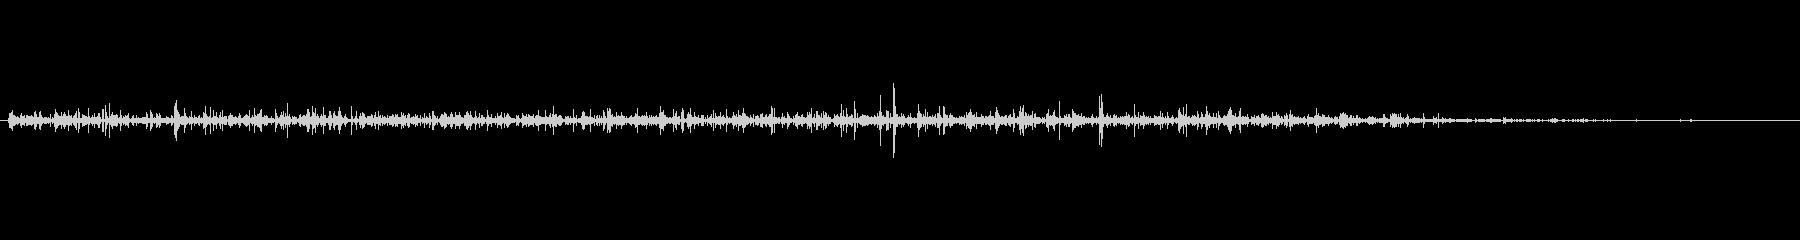 砂利道と川の流れる自然音 pt14の未再生の波形